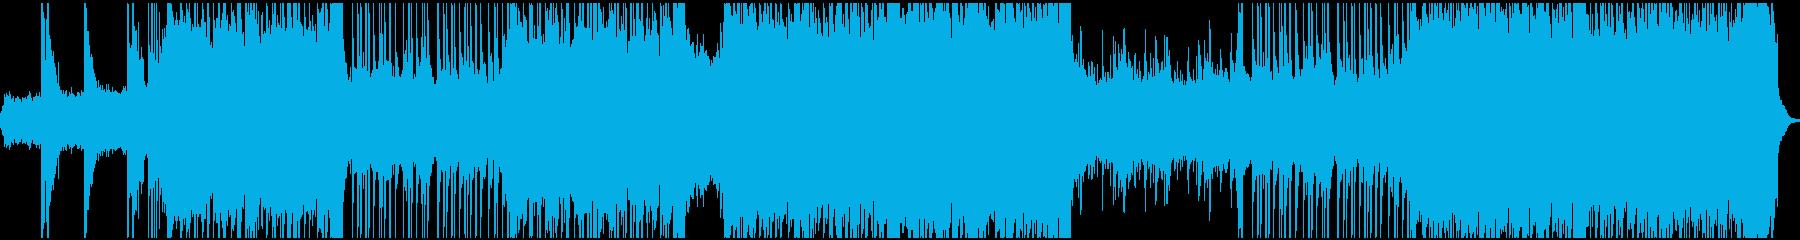 パワフルなシンセリフ、戦闘・レースBGMの再生済みの波形